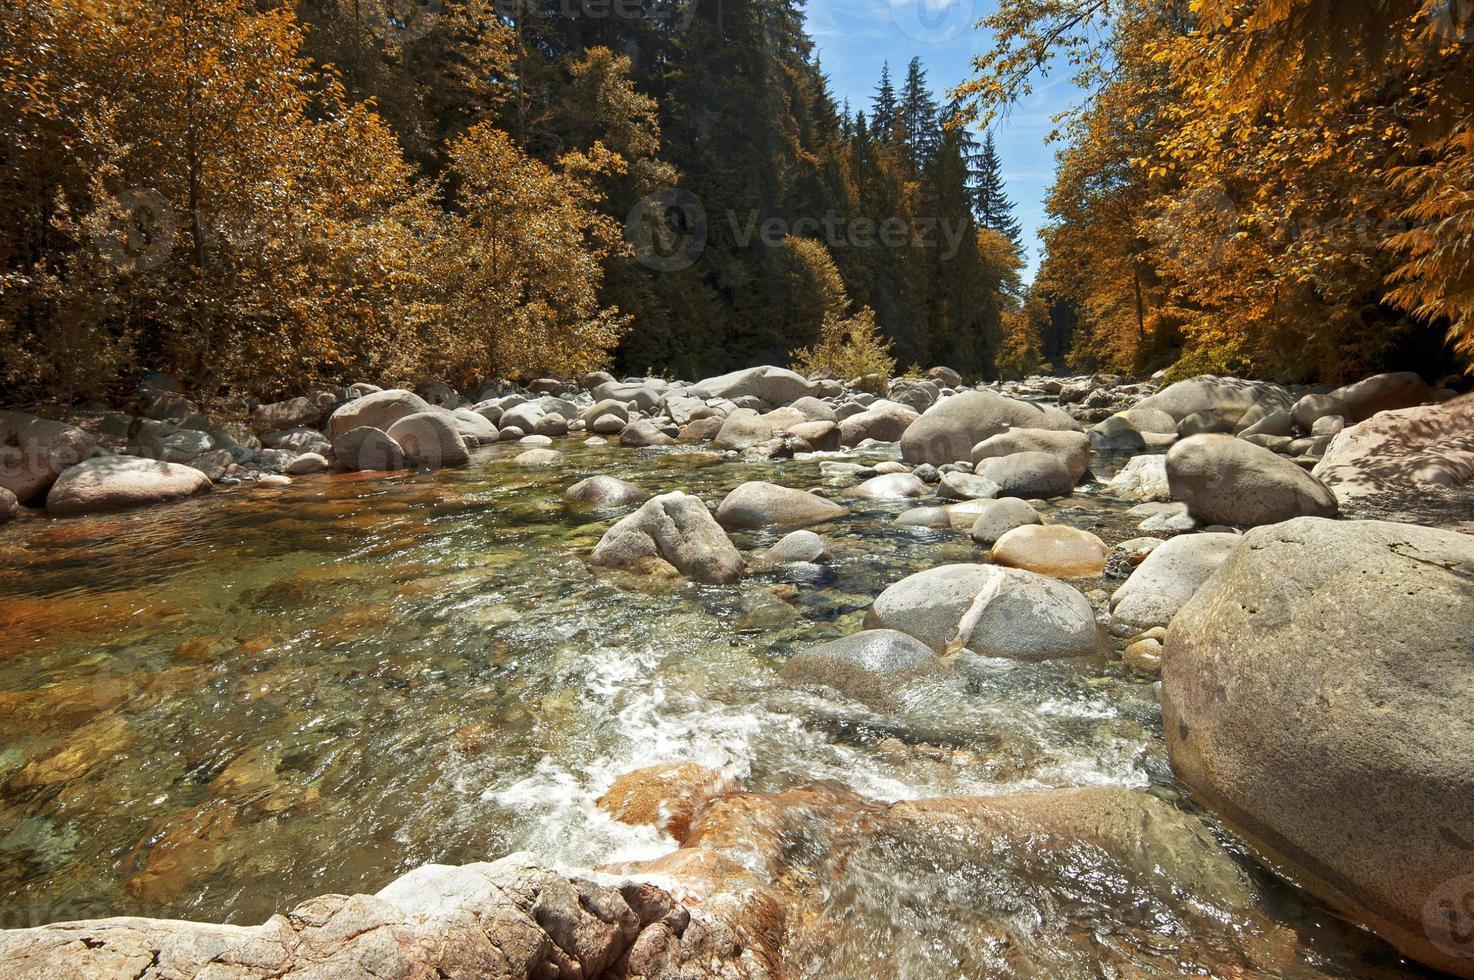 Mamquam River photo